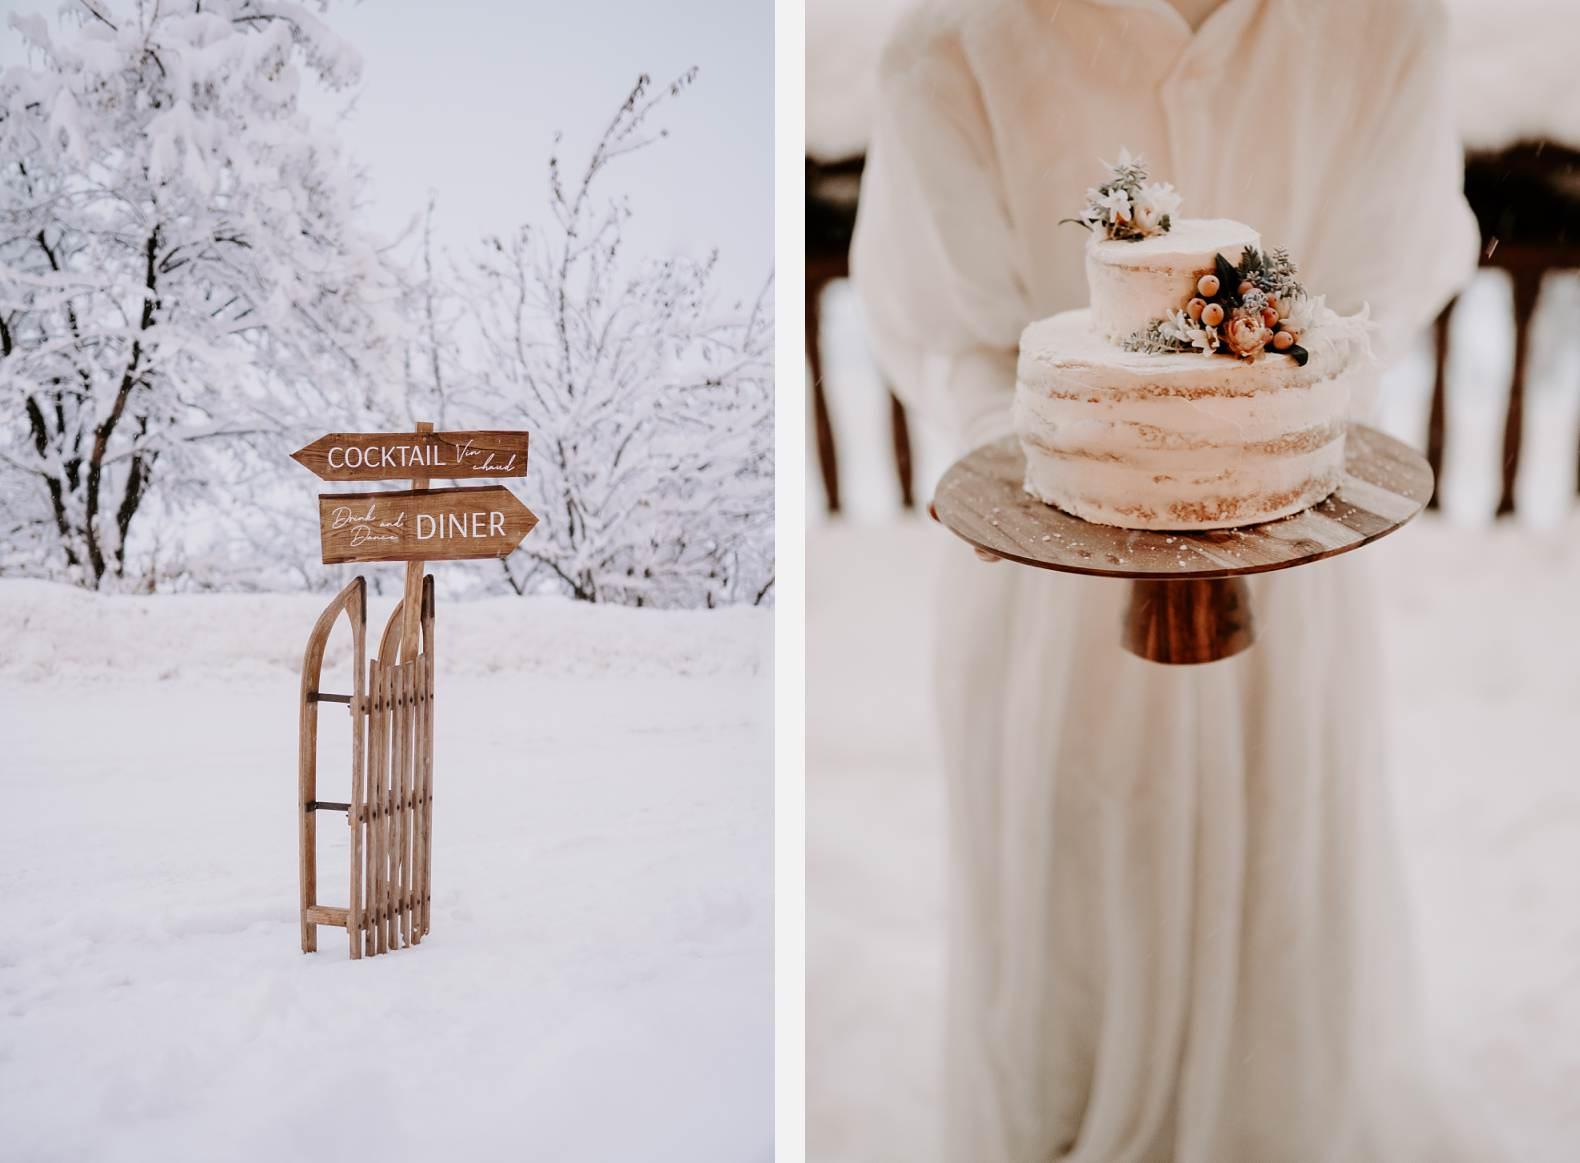 mariage hiver alpes huez isere hotel grandes rousses photographe bel esprit 0040